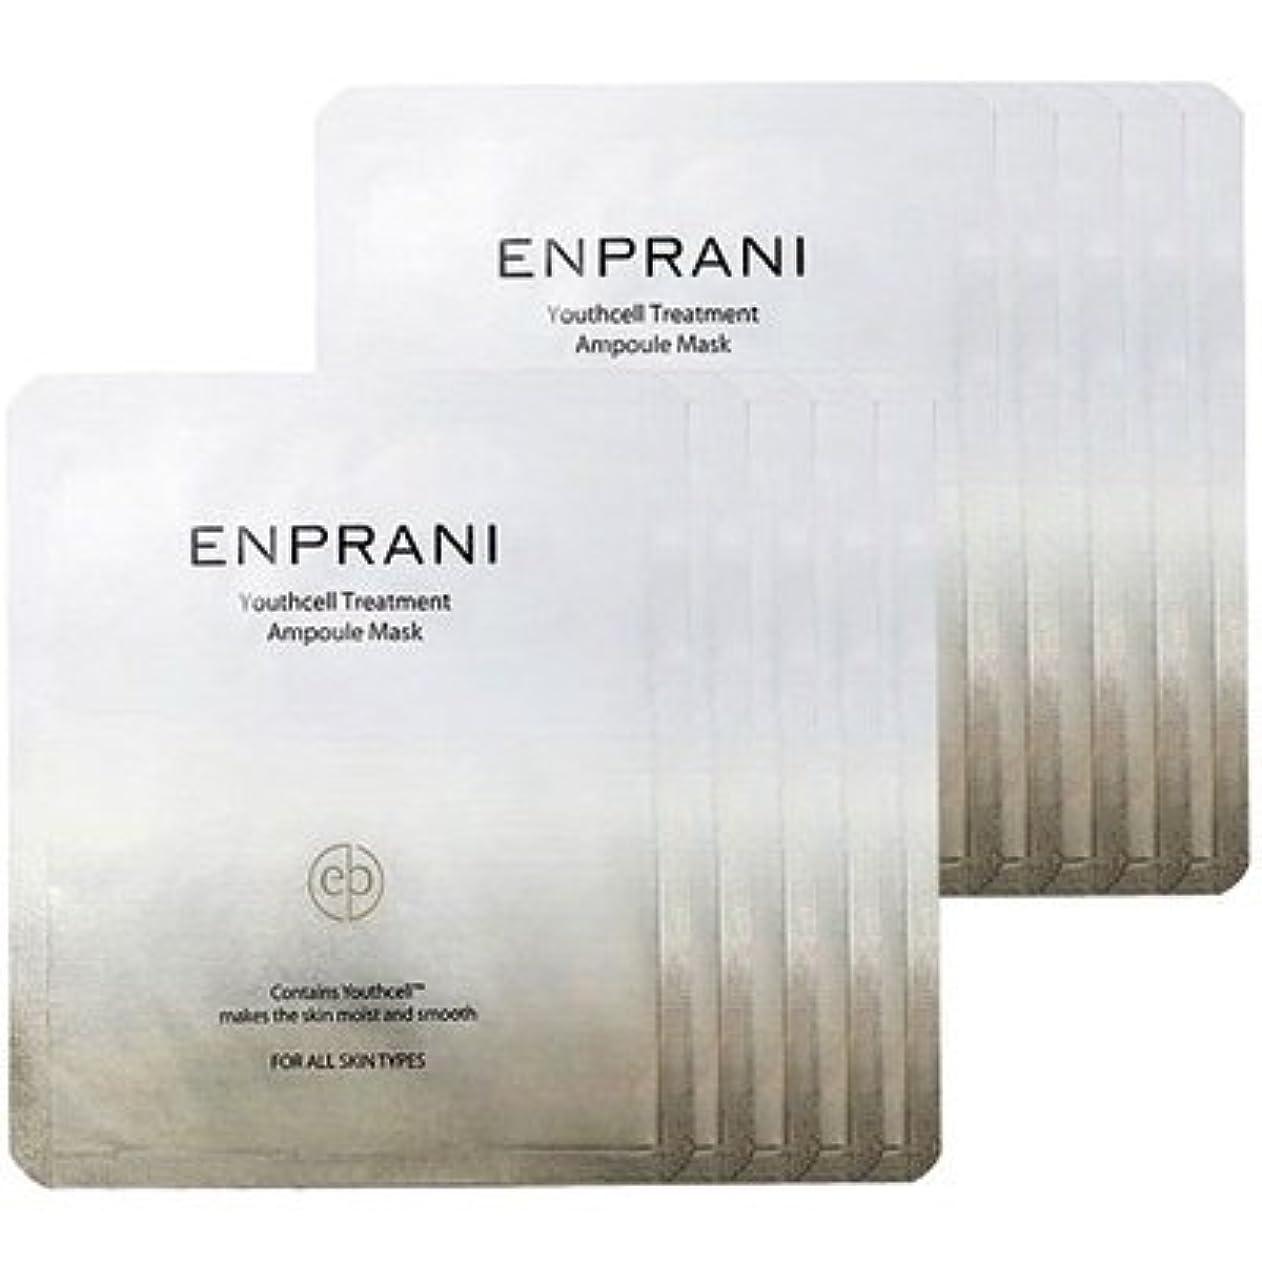 ダッシュ五月空いている[20枚][エンプラニ]ENPRANI[ユースセル トリートメント アンプル マスクパック (20枚)](Youthcell Treatment Ampoule Mask 20Sheets) [並行輸入品]